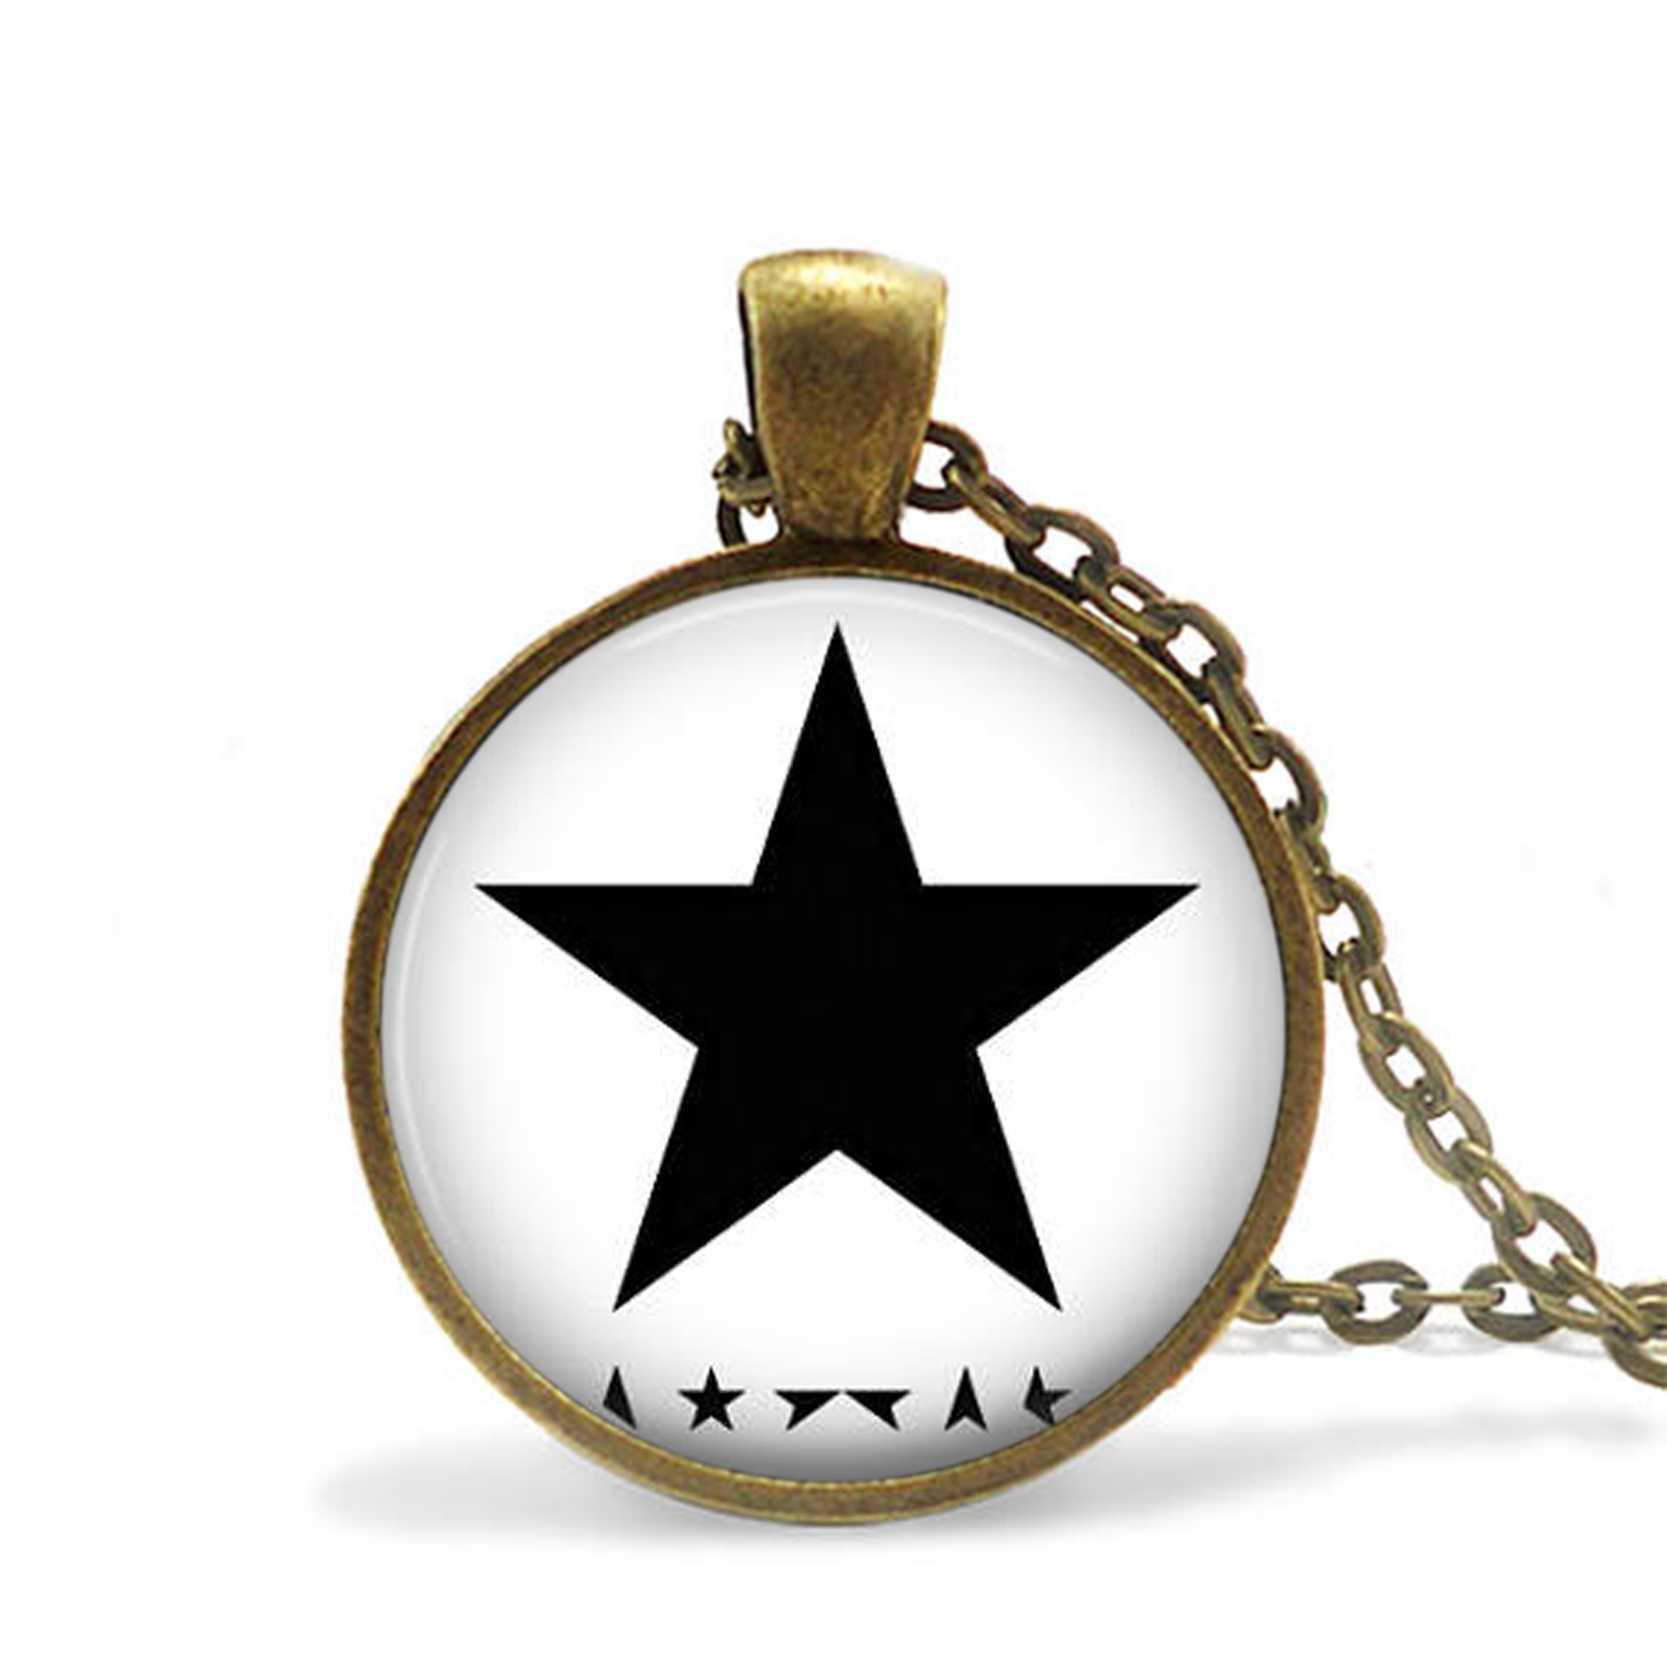 W stylu Vintage japoński sztuki Saint Lucian duży czarny gwiazda naszyjnik wisiorek szkło Cabochon religia biżuteria kobieta mężczyzna dzień matki prezent